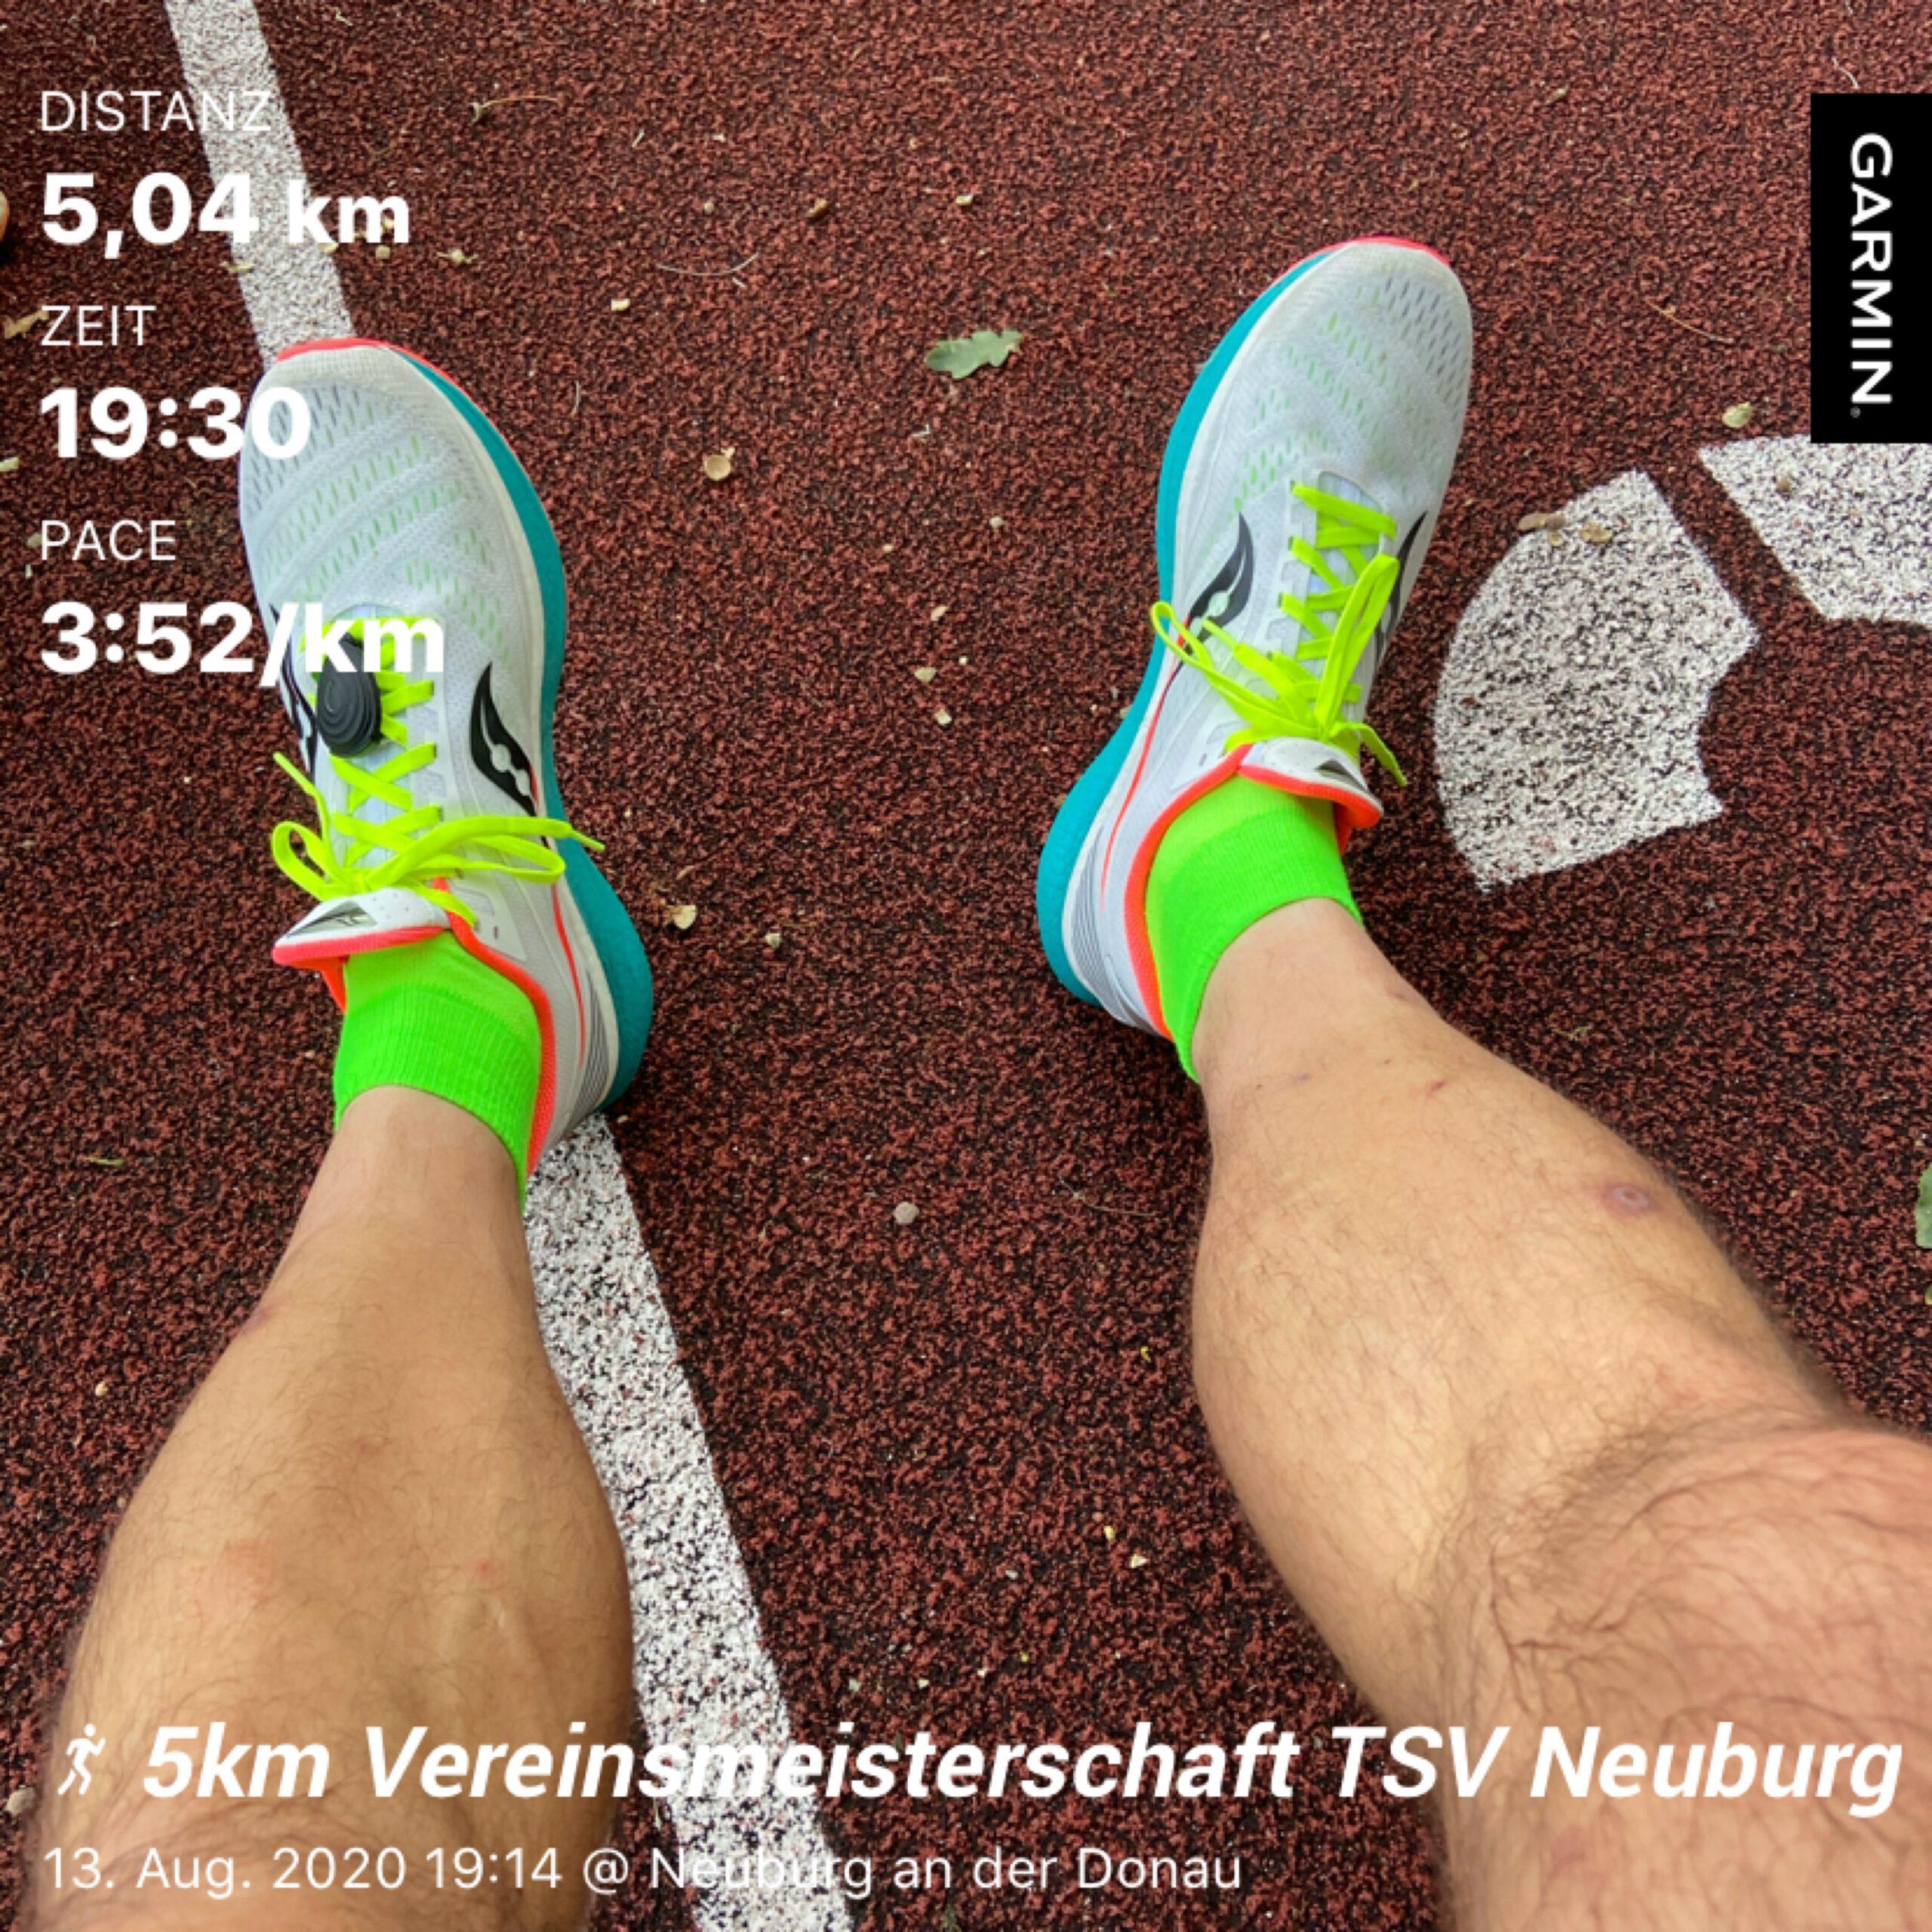 TSV Neuburg Vereinsmeisterschaften